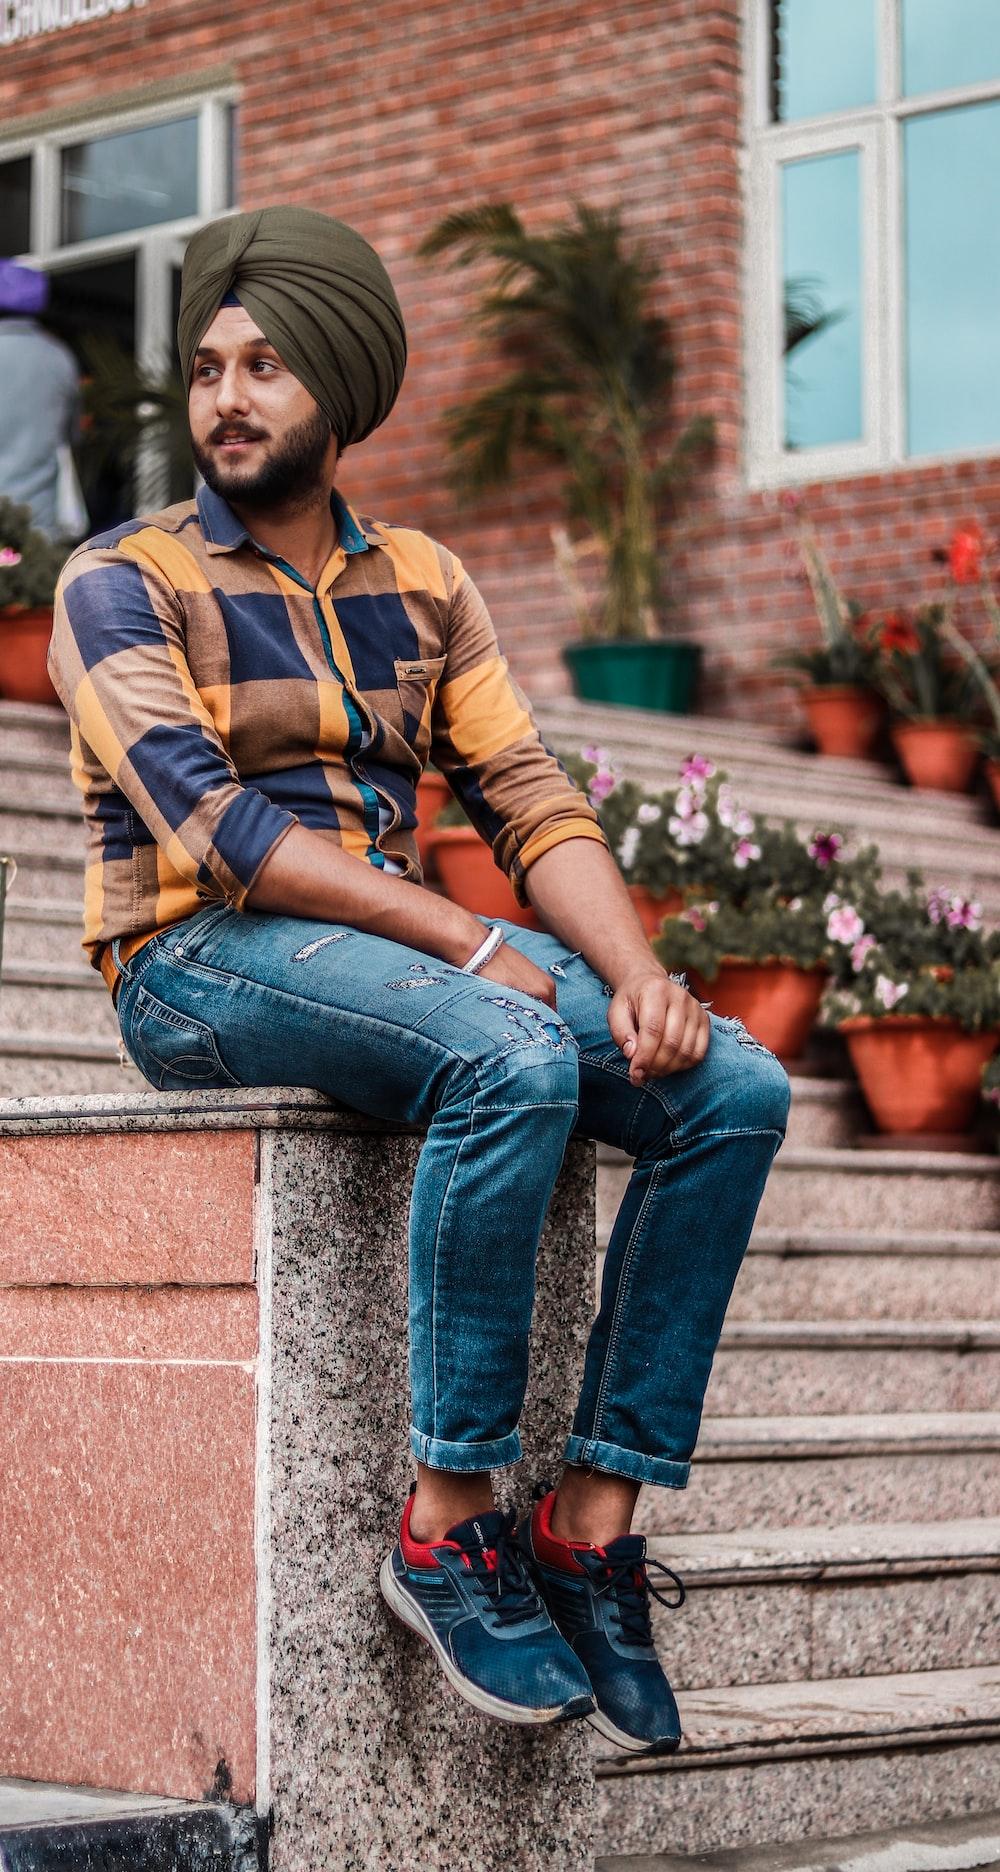 man wearing blue denim jeans